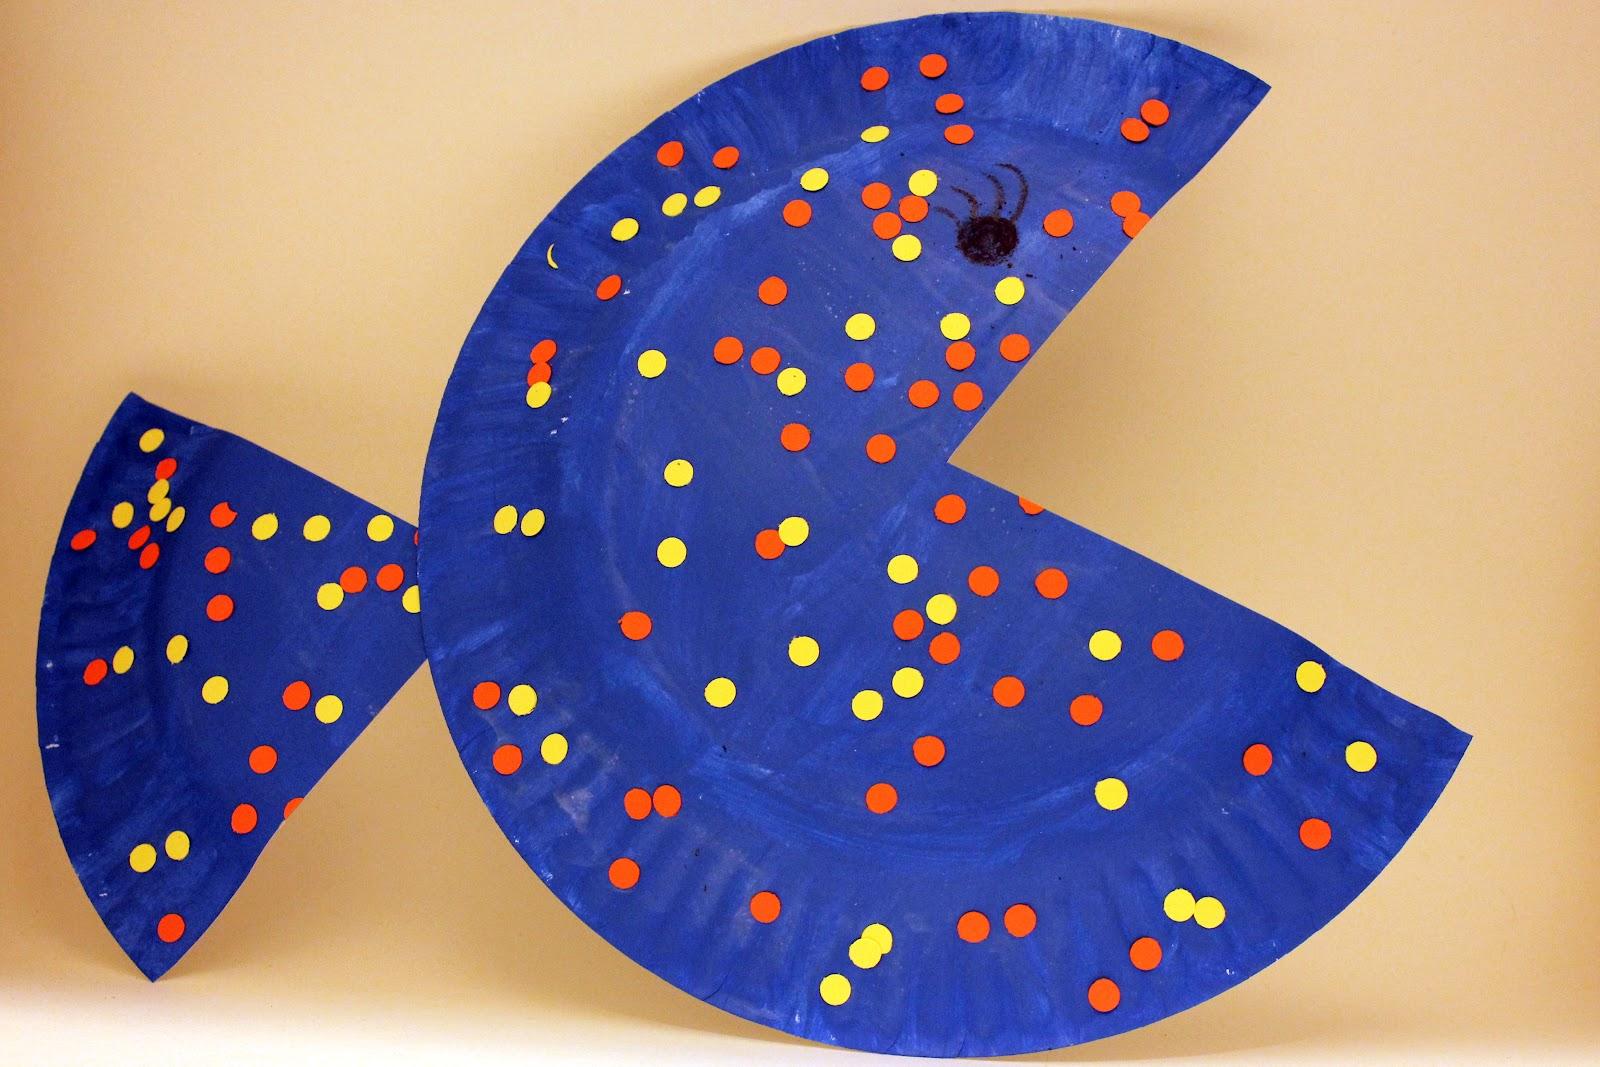 简单的纸盘,水彩笔,扣子,创造出一条大嘴萌鱼.